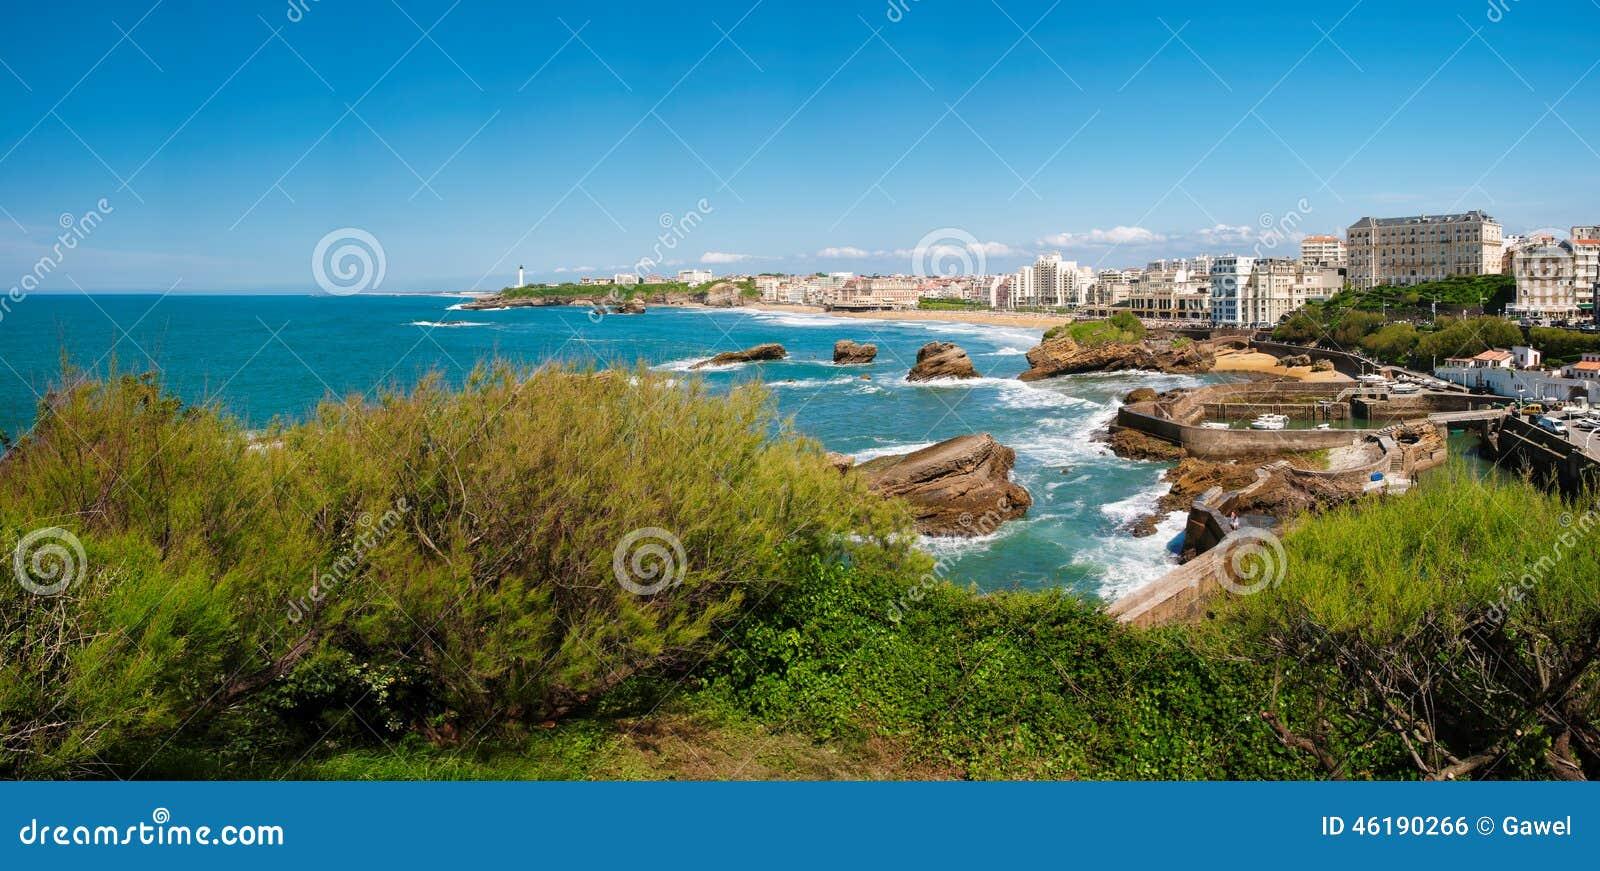 Биарриц, панорама маяка, пляжа и города, Франции